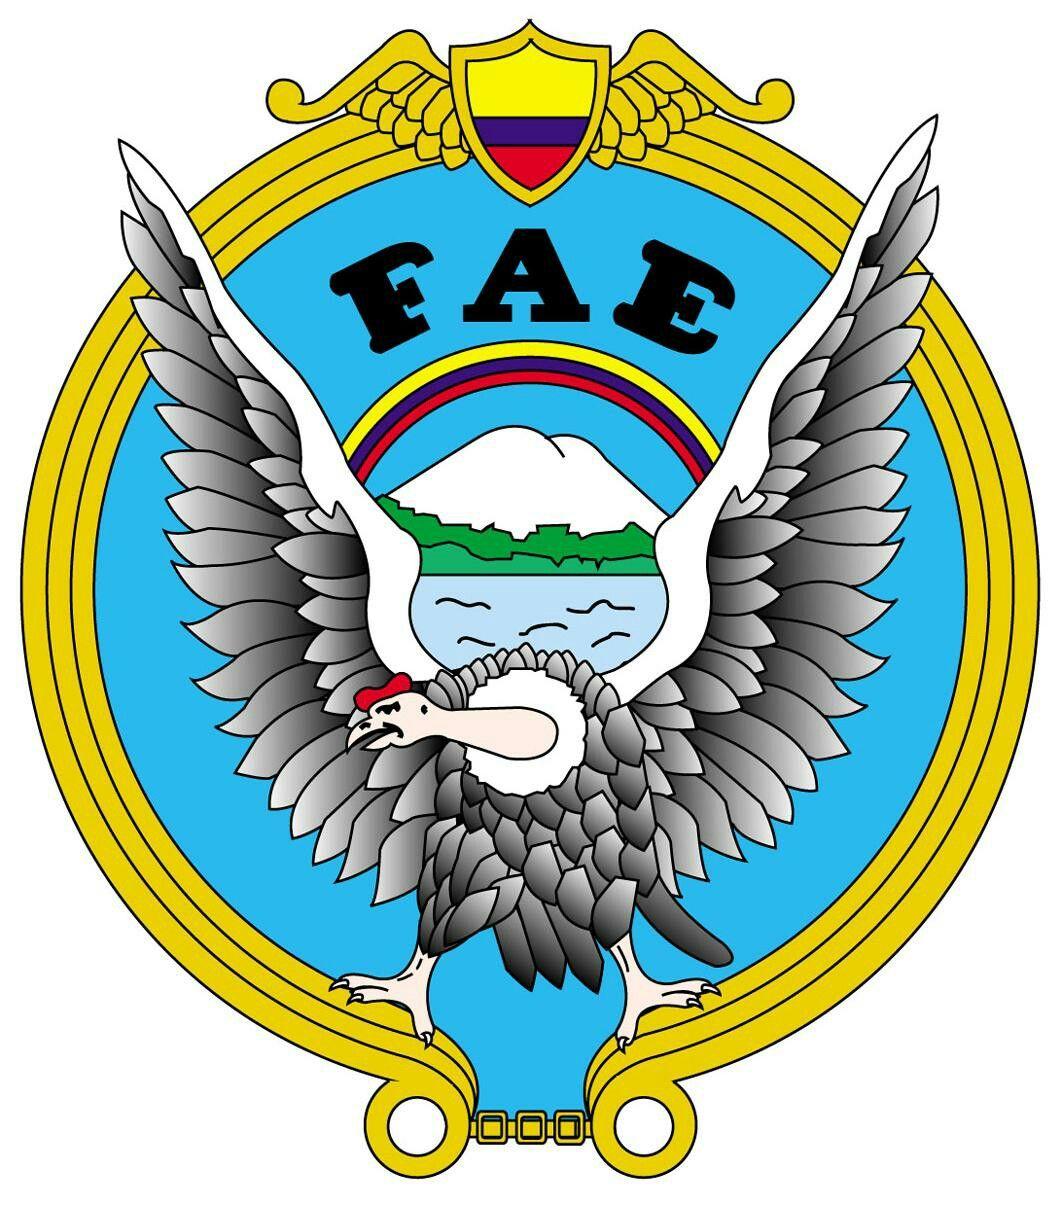 Fuerza Aerea Ecuatoriana Fae Fuerza Aerea Fuerza Tatuajes